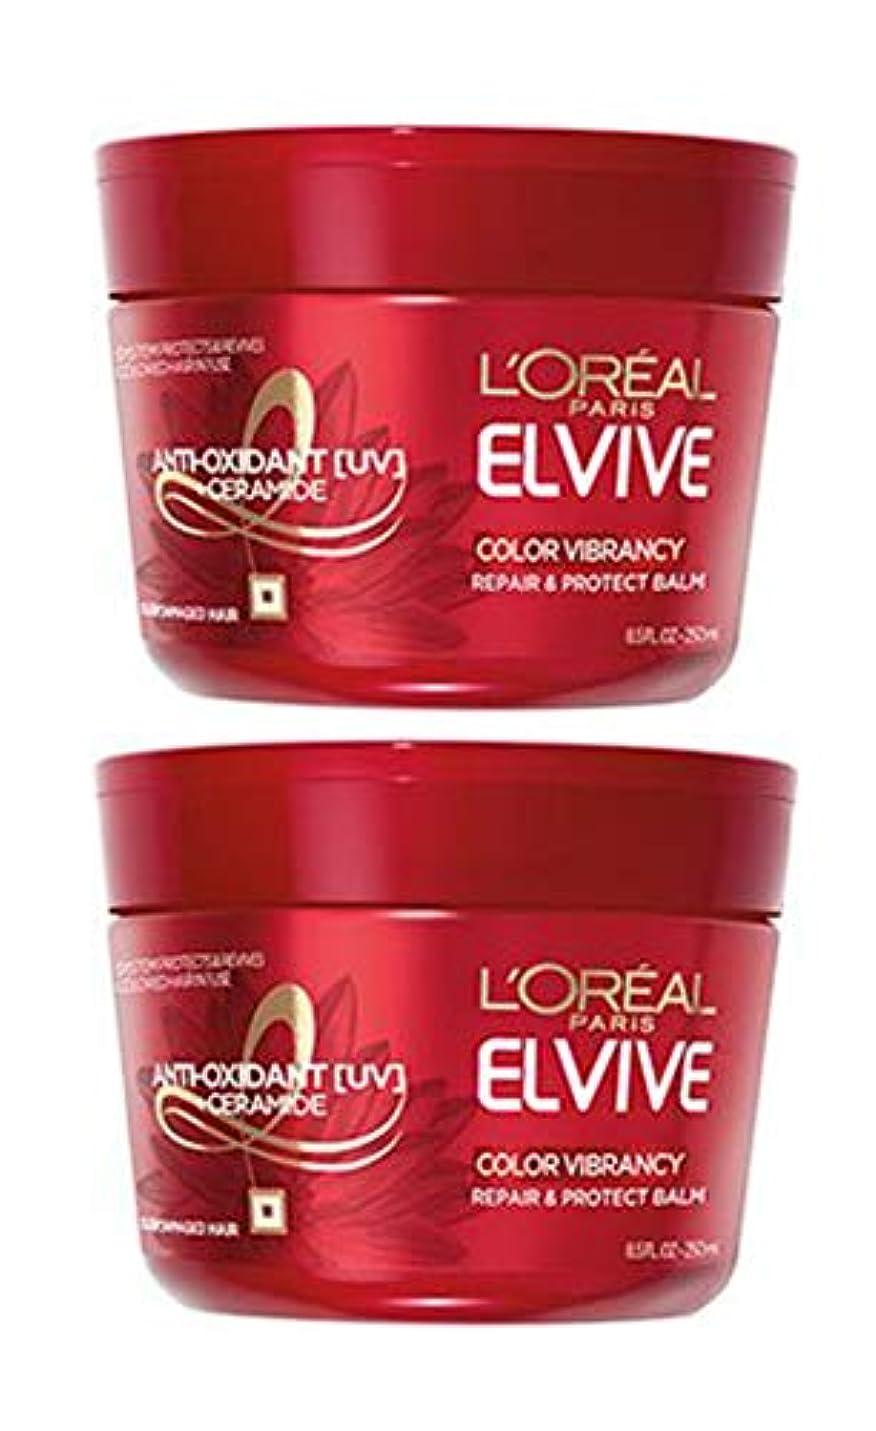 ニュージーランドクック下手L'Oreal Paris ロレアルパリ髪の専門家の色ヴァイブランインテンシブ超回復マスク、8.5オンス(2パック) 8.5 FL。オンス(2パック)